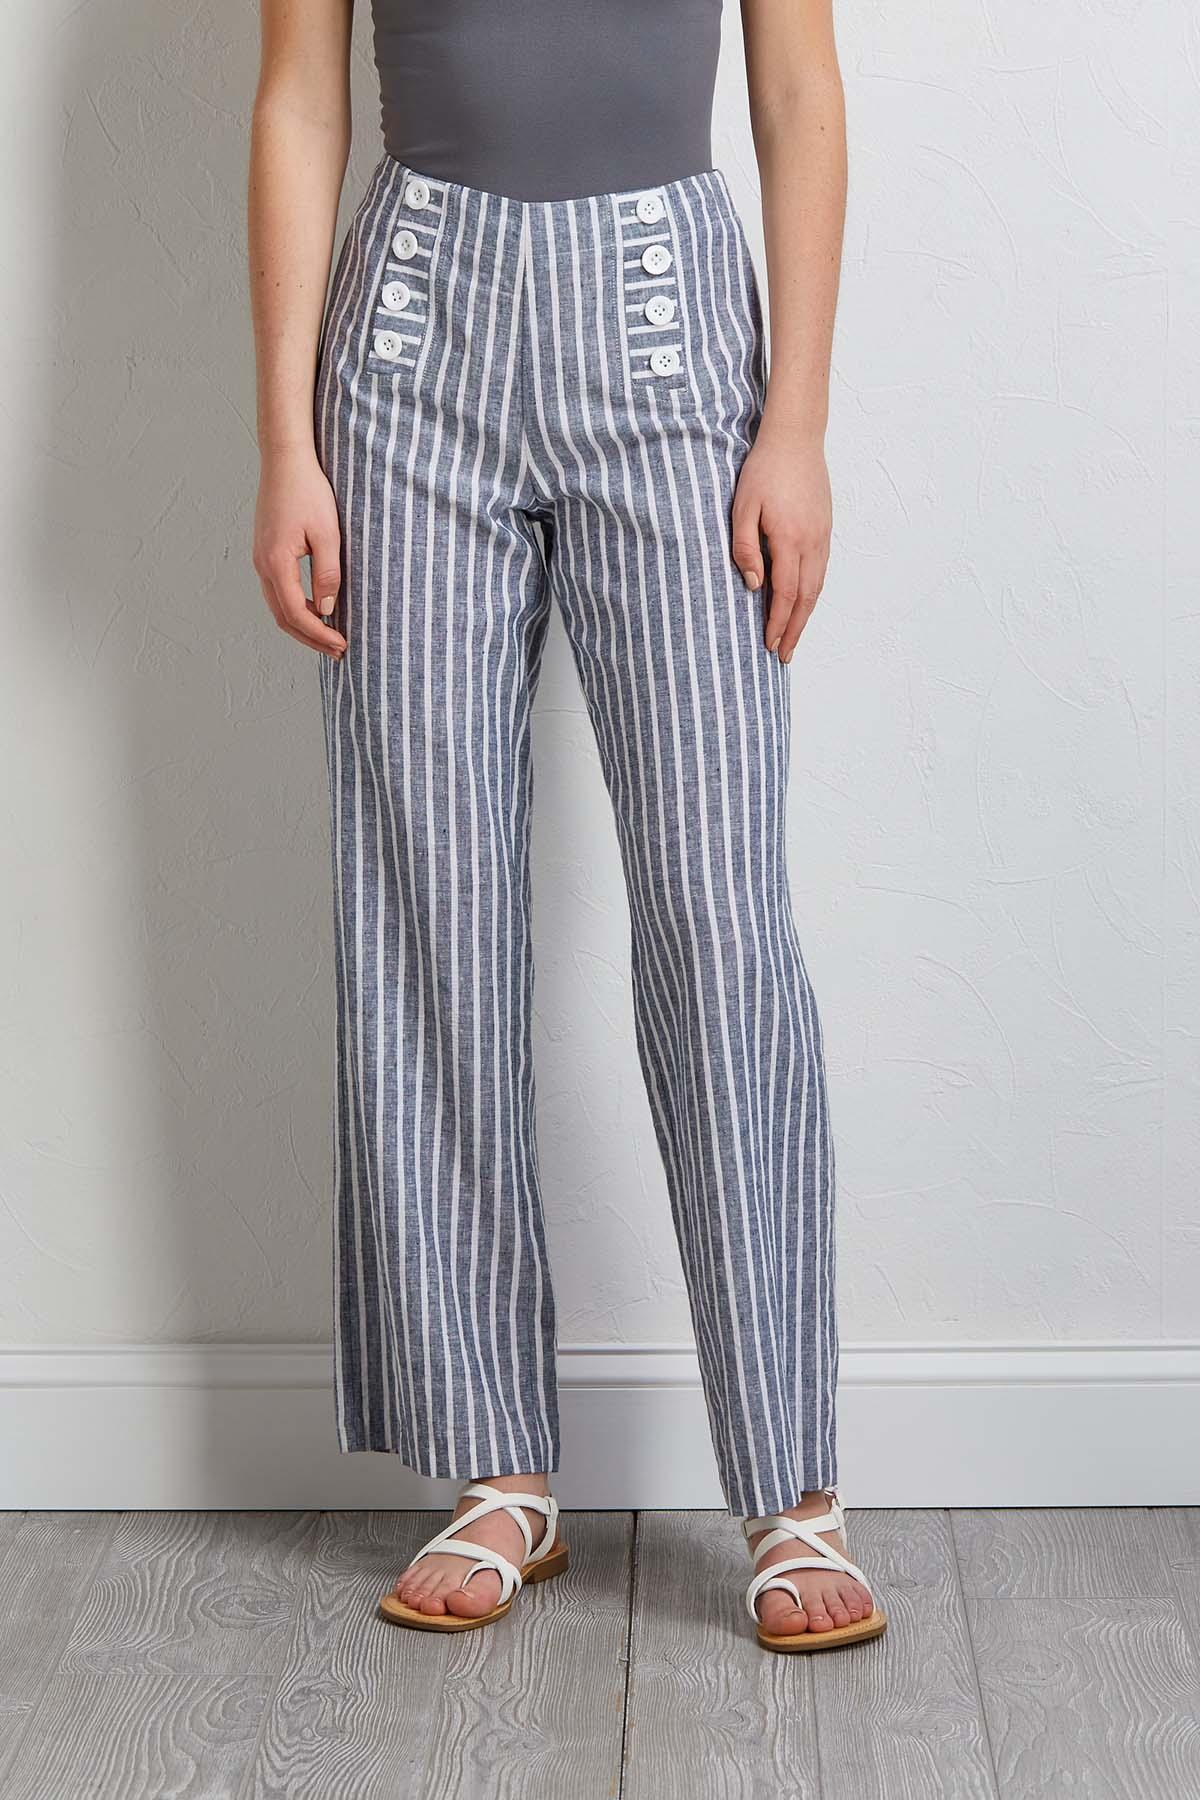 Nautical Linen Pants